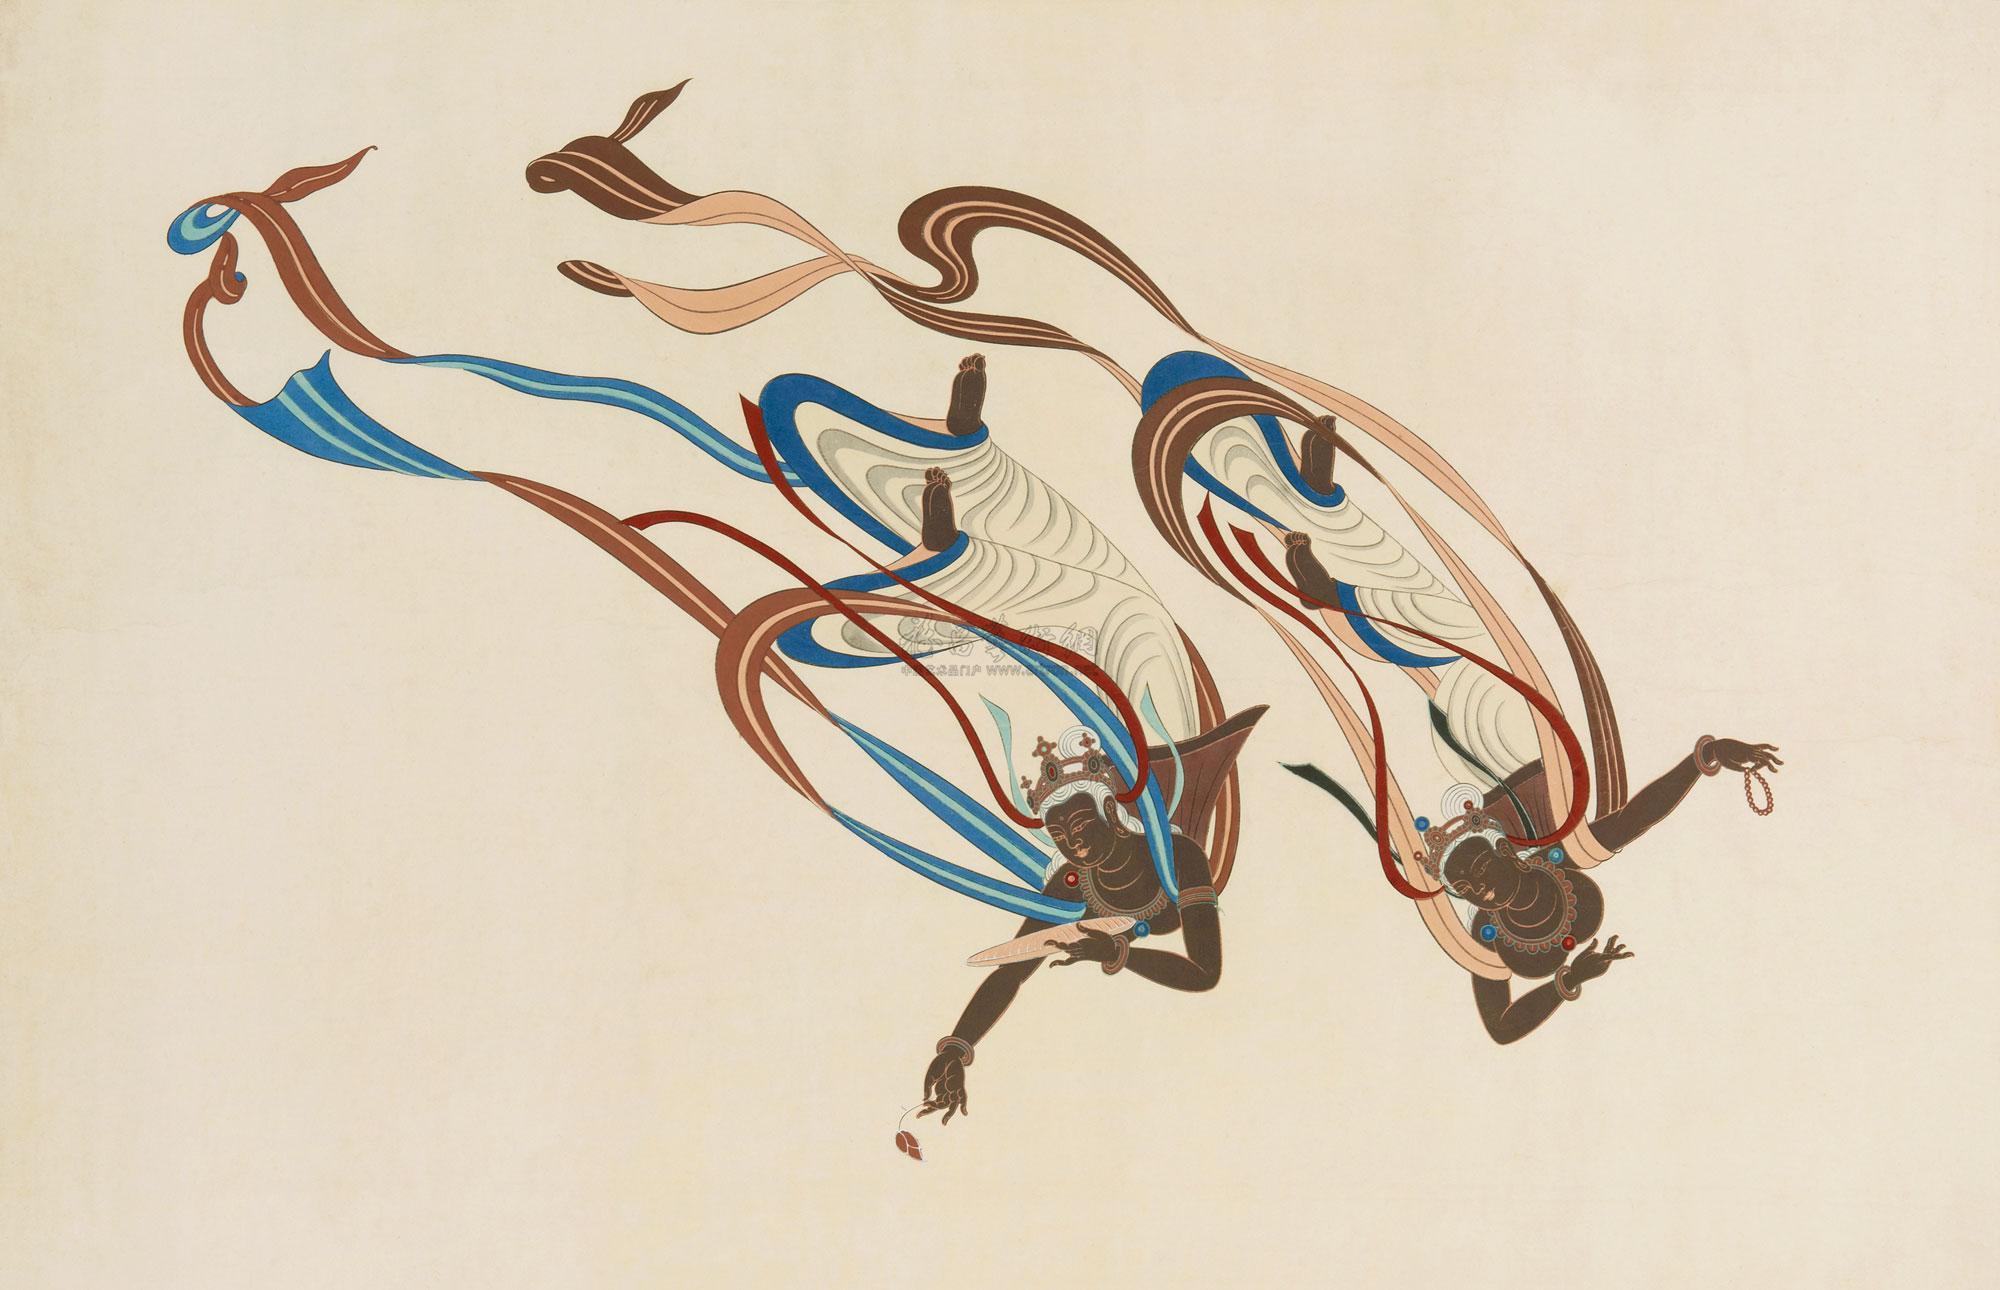 1446 唐敦煌壁画飞天 纸本图片